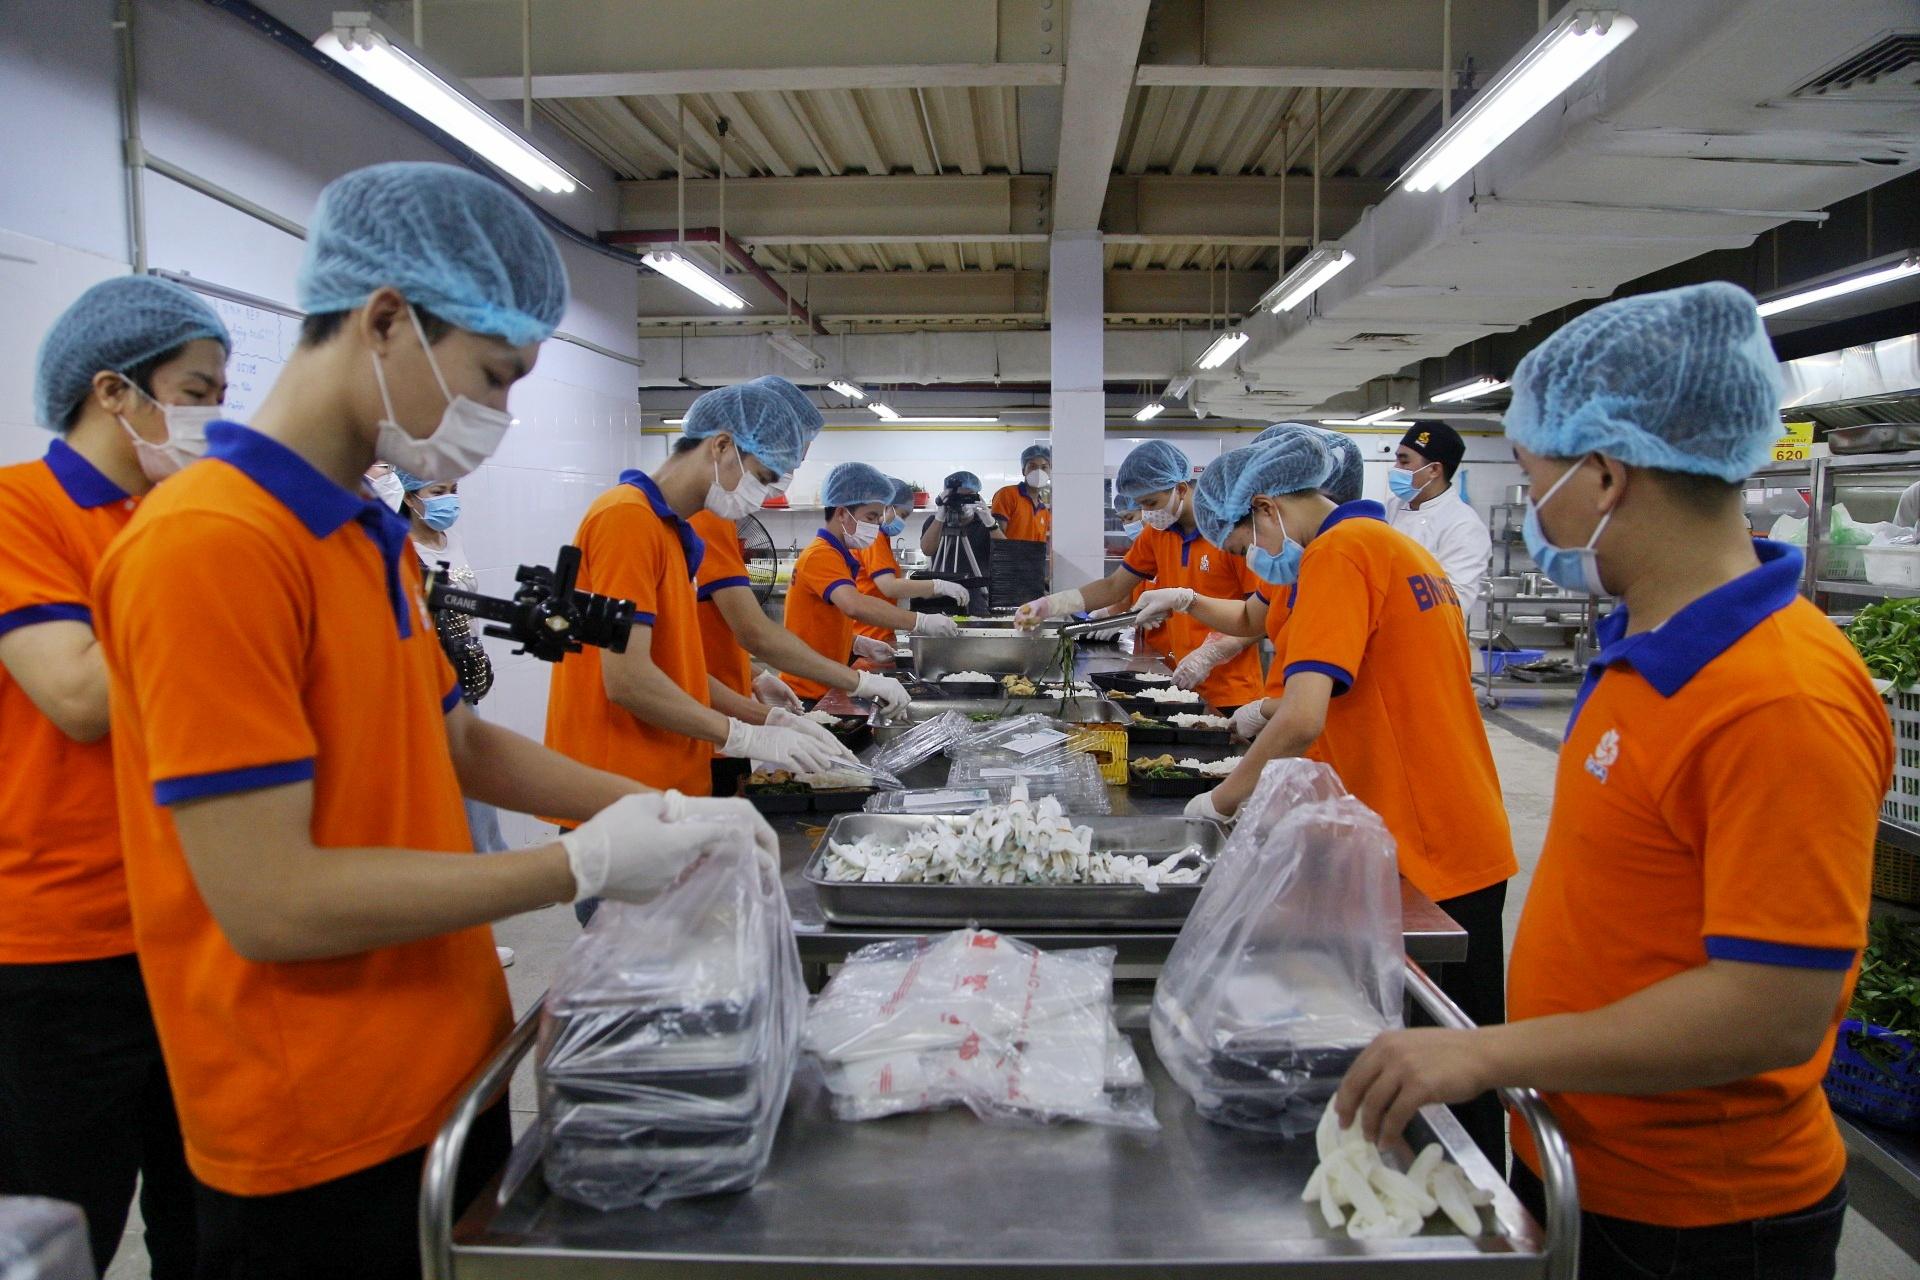 Theo đó, chương trình được Food Banks Việt Nam phối hợp cùng BNAFOODS tổ chức sẽ trao tặng hàng ngàn suất ăn 0 đồng đến lực lượng y tế, chốt trực tại quận Hai Bà Trưng và Ba Đình (Hà Nội).